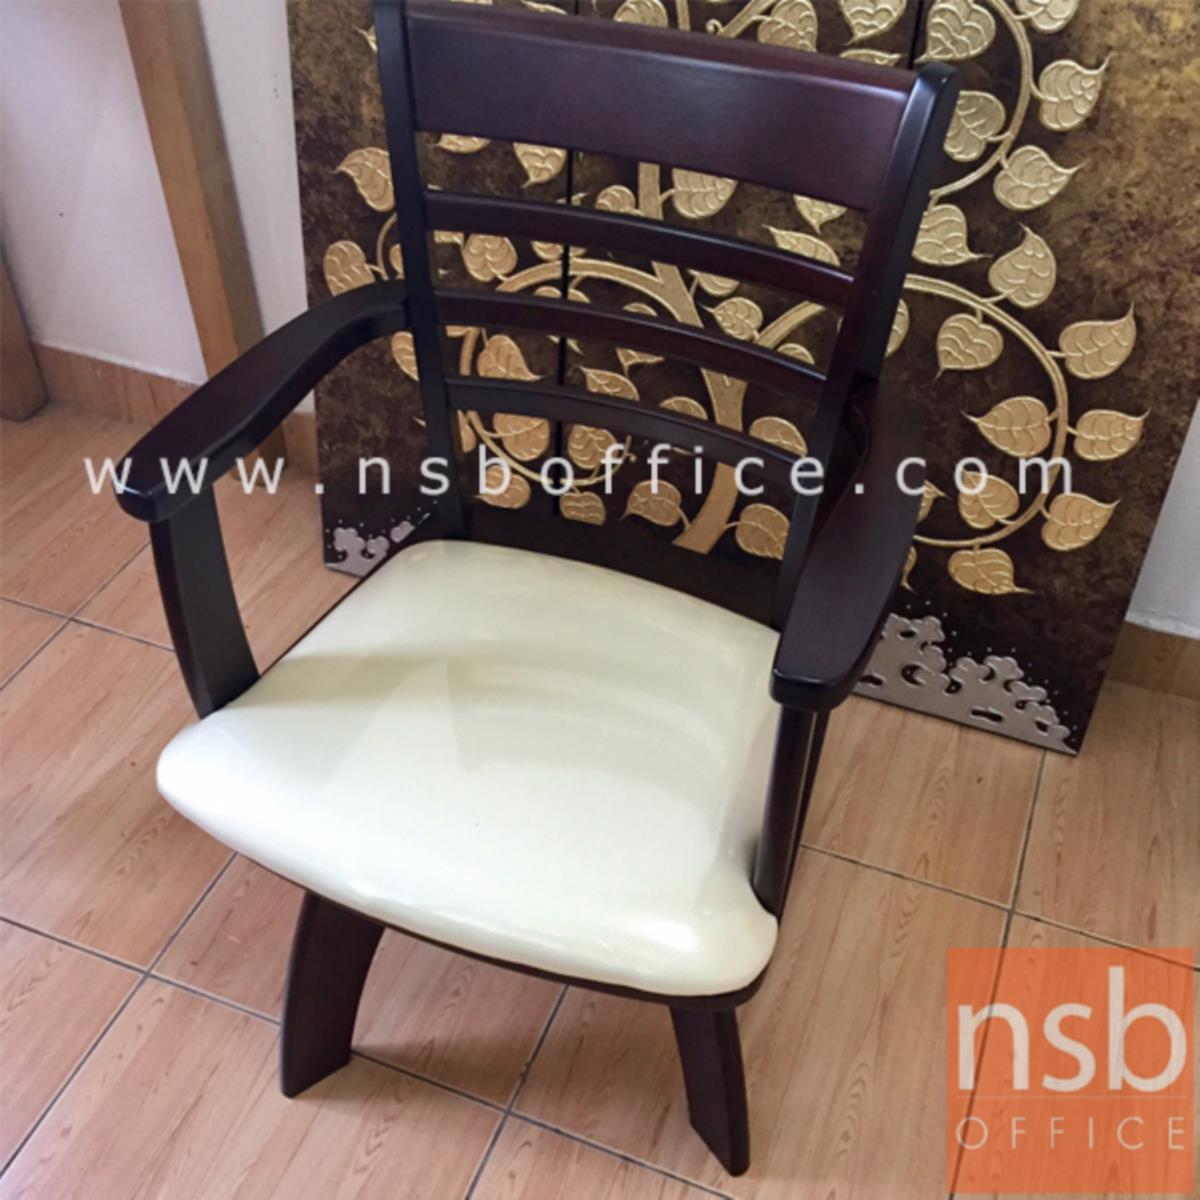 G14A050:เก้าอี้ไม้ยางพาราที่นั่งหุ้มหนังเทียม รุ่น Kornbluth (คอร์นบลู๊ท) ขาไม้ (เบาะหมุน)